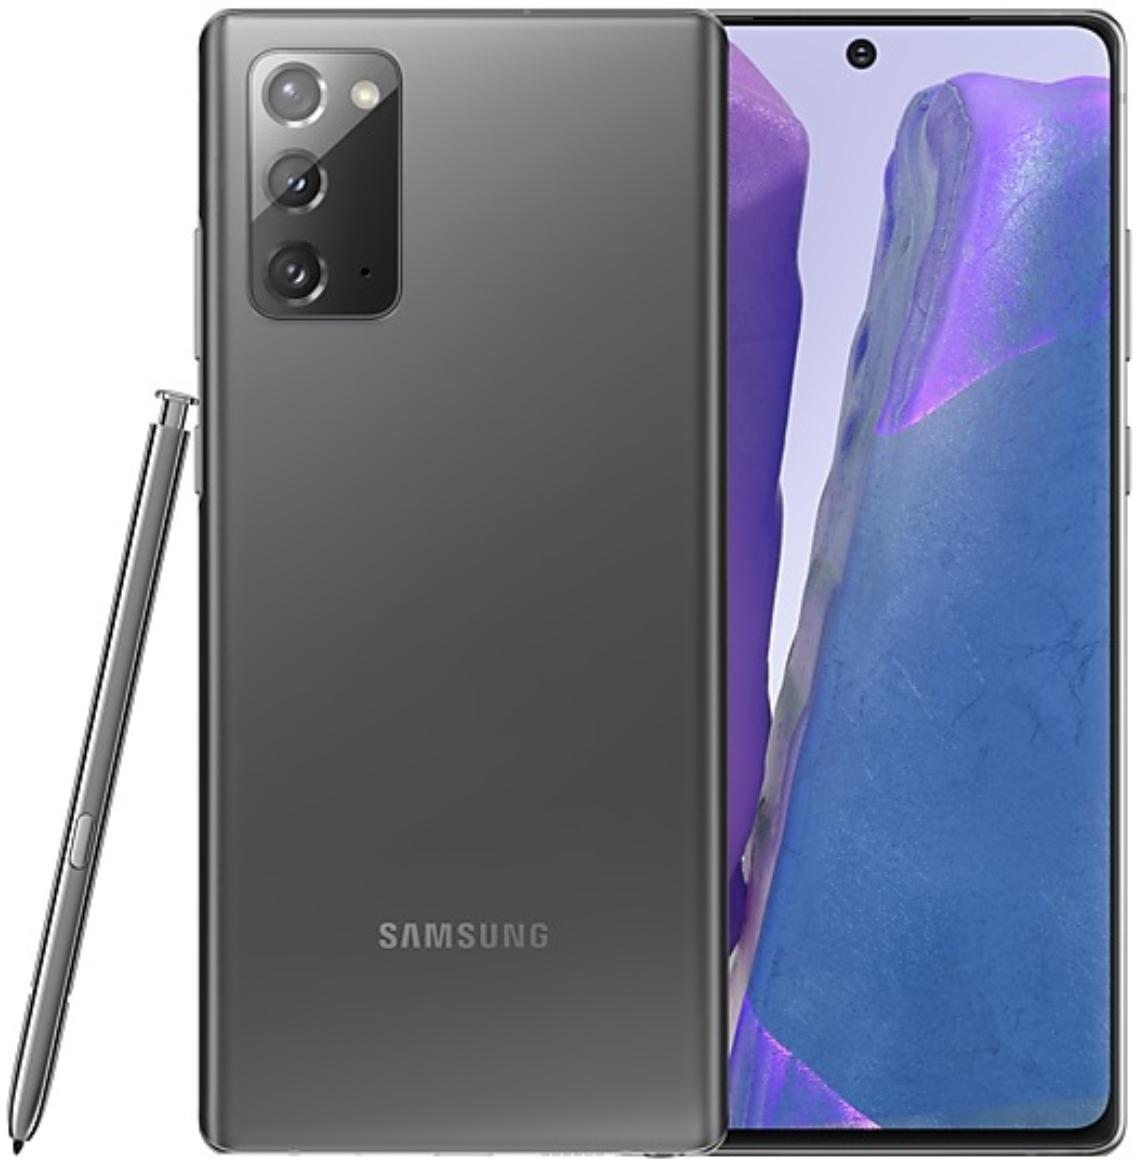 Samsung Galaxy Note 20 4G Dual Sim N980FD 256GB Mystic Grey (8GB RAM)